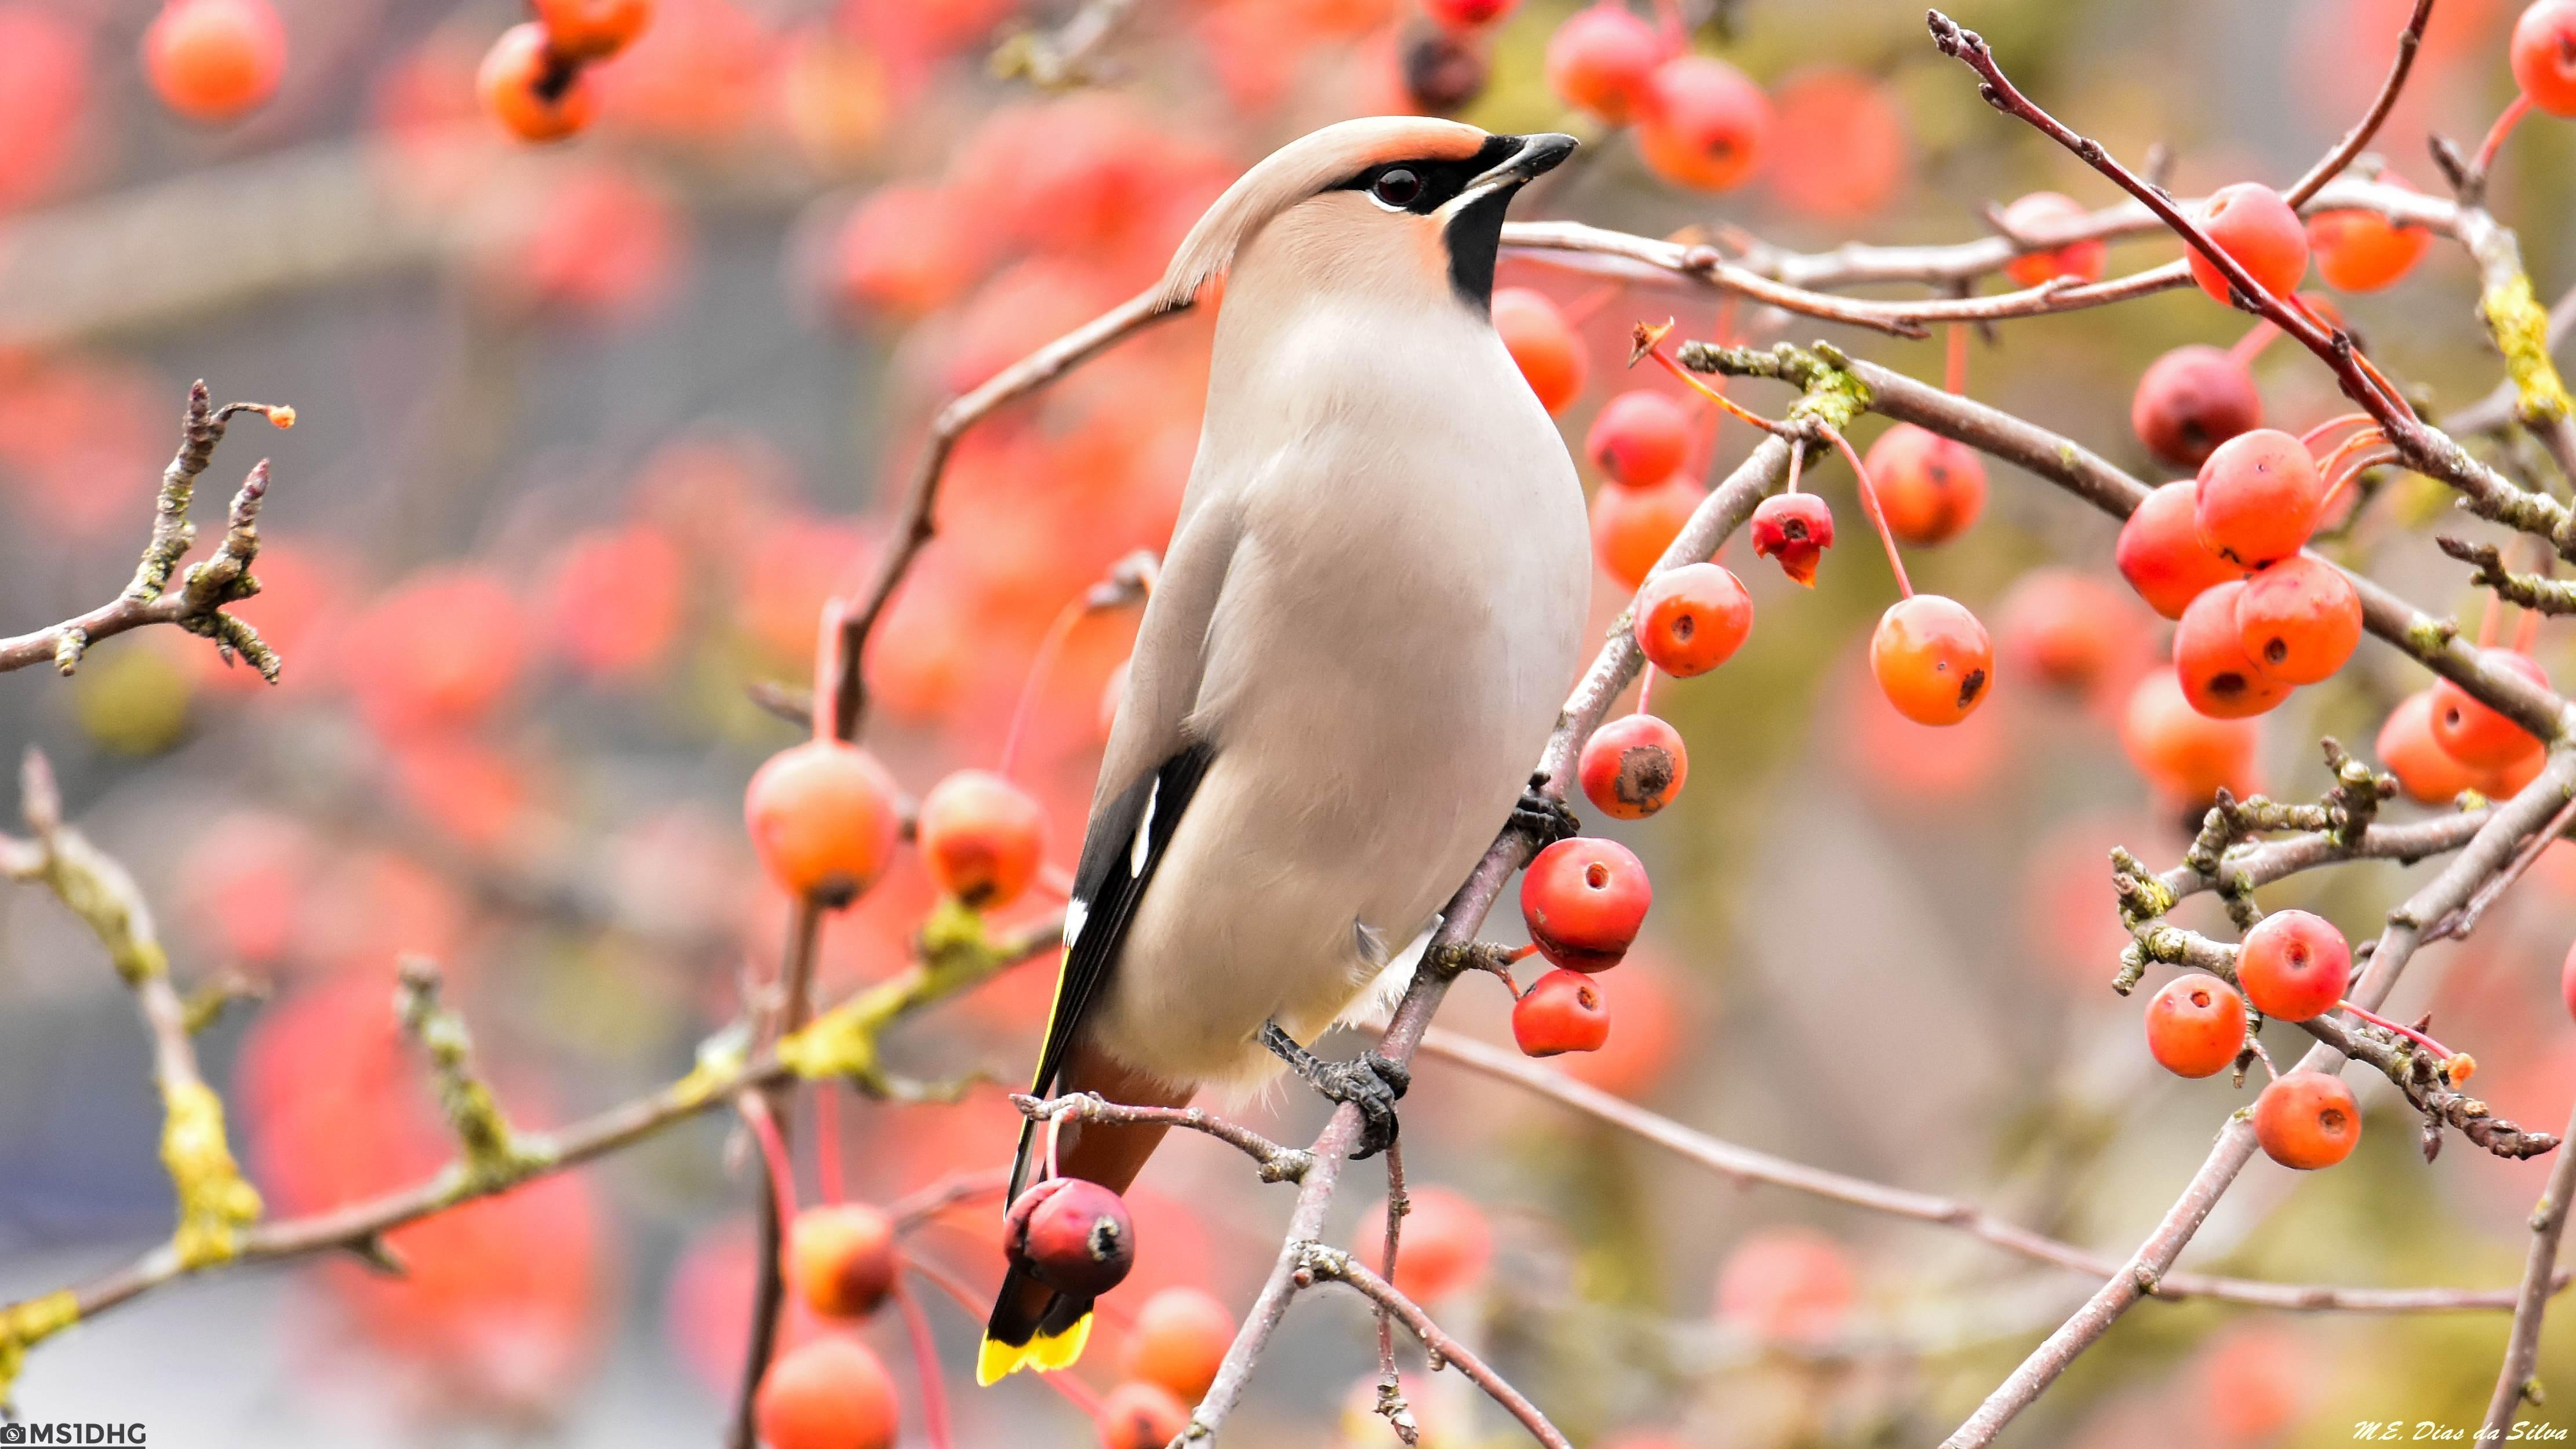 Fórum Aves - Birdwatching em Portugal - Portal Tagarela%20europeia%20(14)